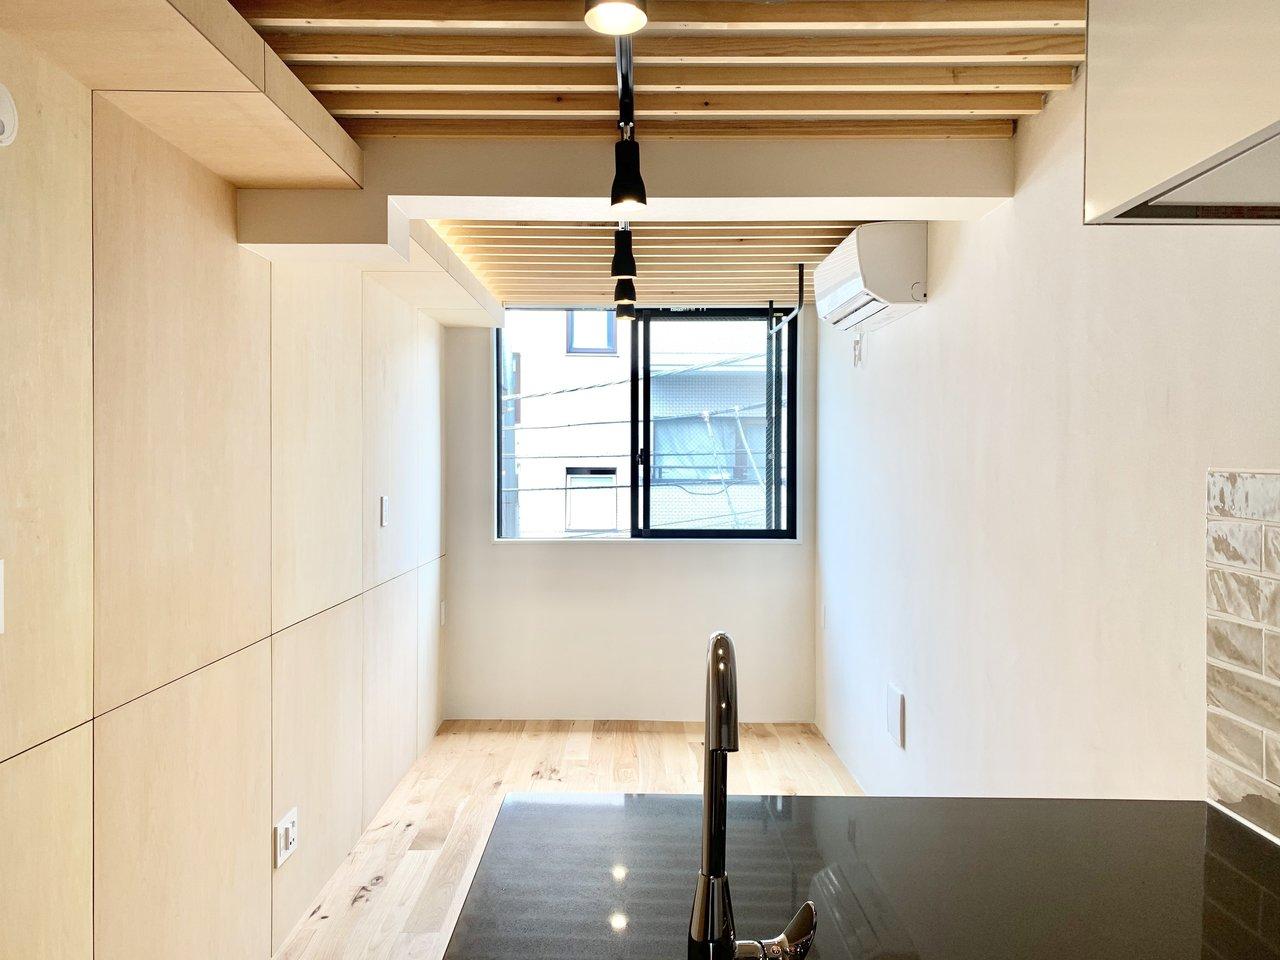 キッチンから見ると、窓が見えますね。無垢床や木目の見える壁を使用していて、シンプルだけど、どこか手触り感のある、あったかい感じのお部屋です。